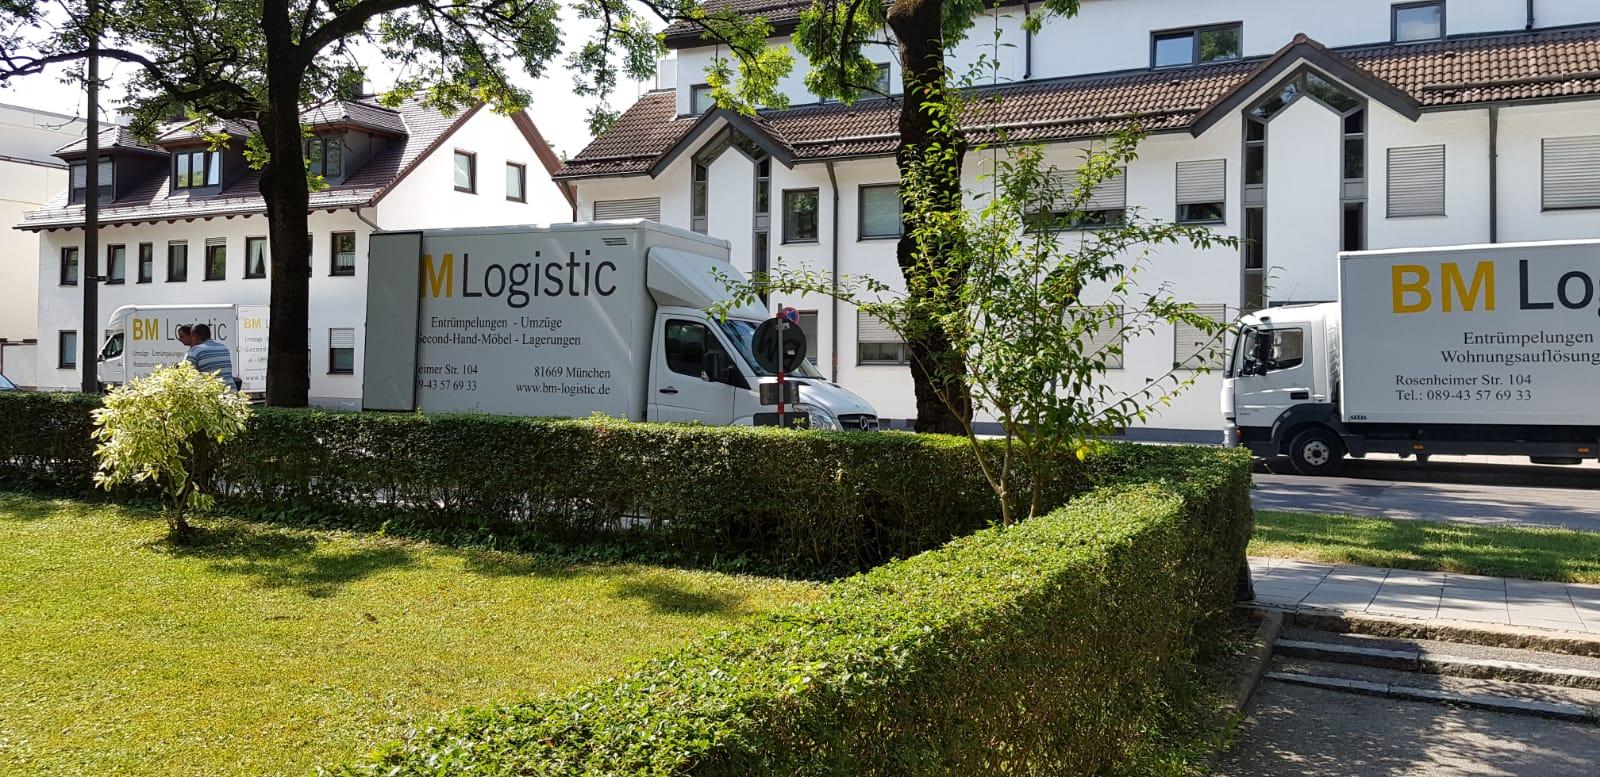 Umzug Entrümpelung München Leim - Gotthardstraße